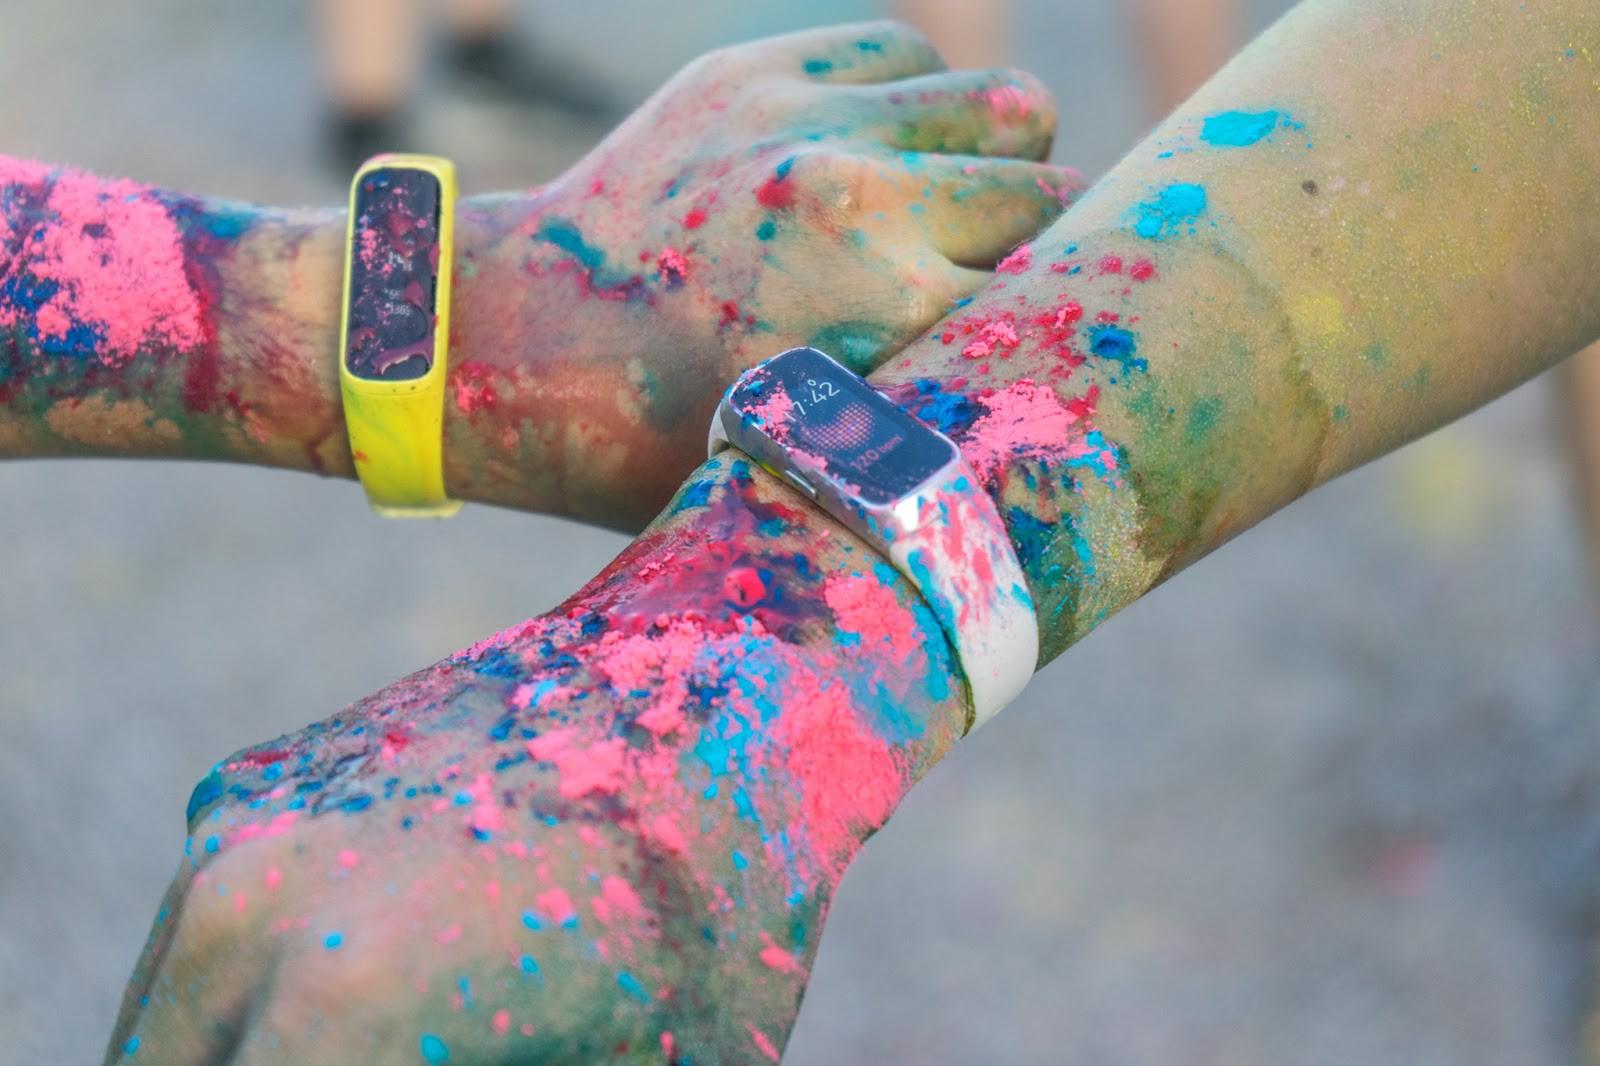 Phải đi Color Me Run một lần để biết ngày thường chúng ta lười vận động như thế nào - Ảnh 6.